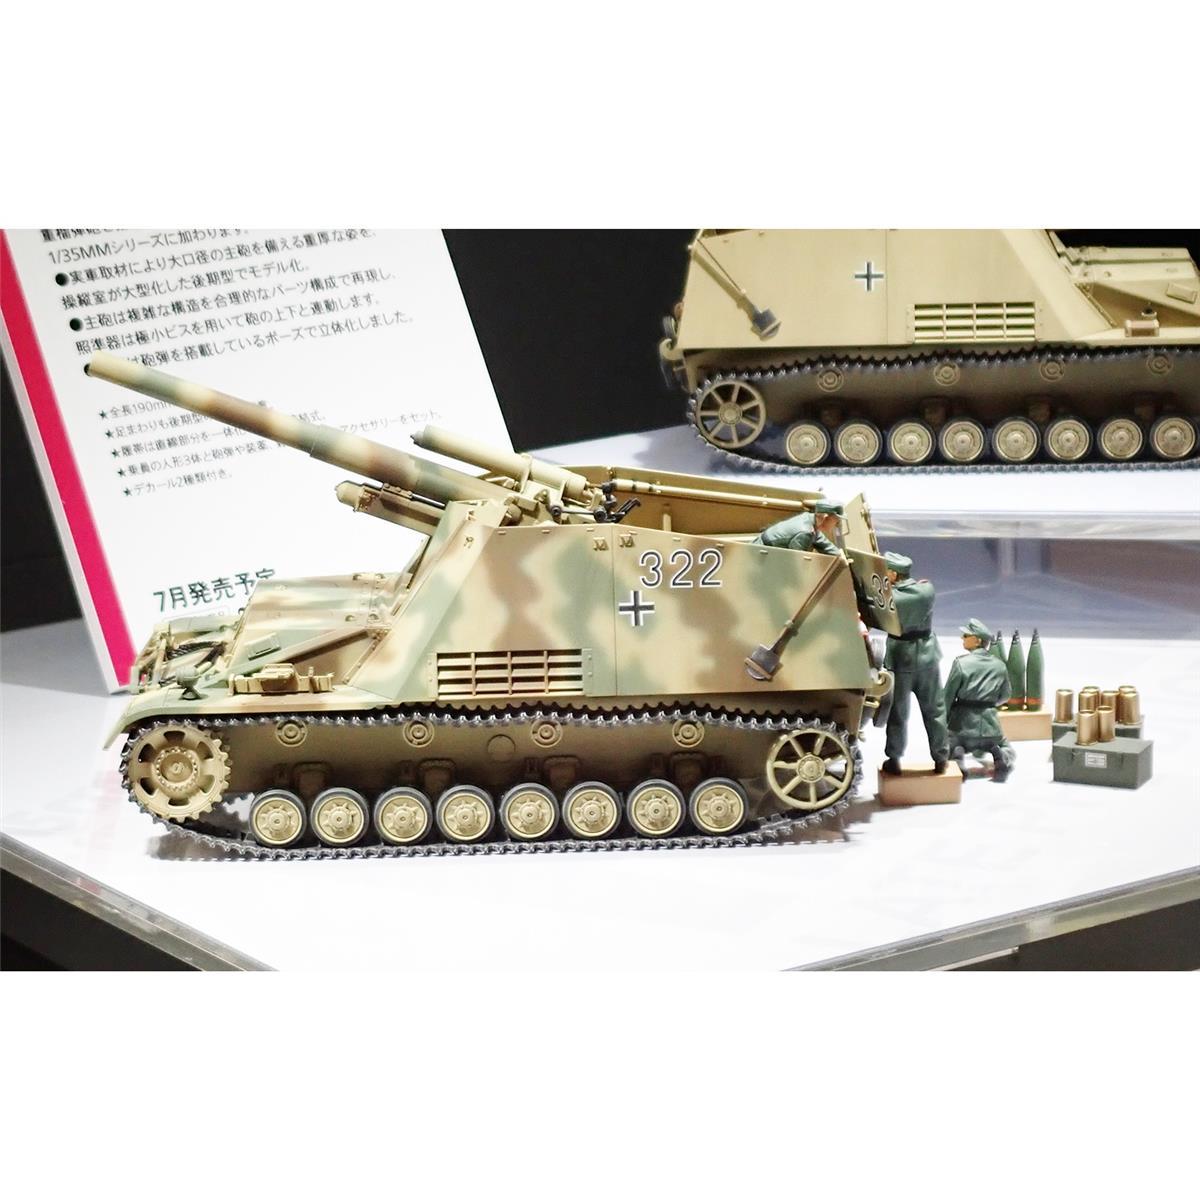 1/35 ミリタリーミニチュアシリーズ No.367『ドイツ重自走榴弾砲 フンメル 後期型』プラモデル-004